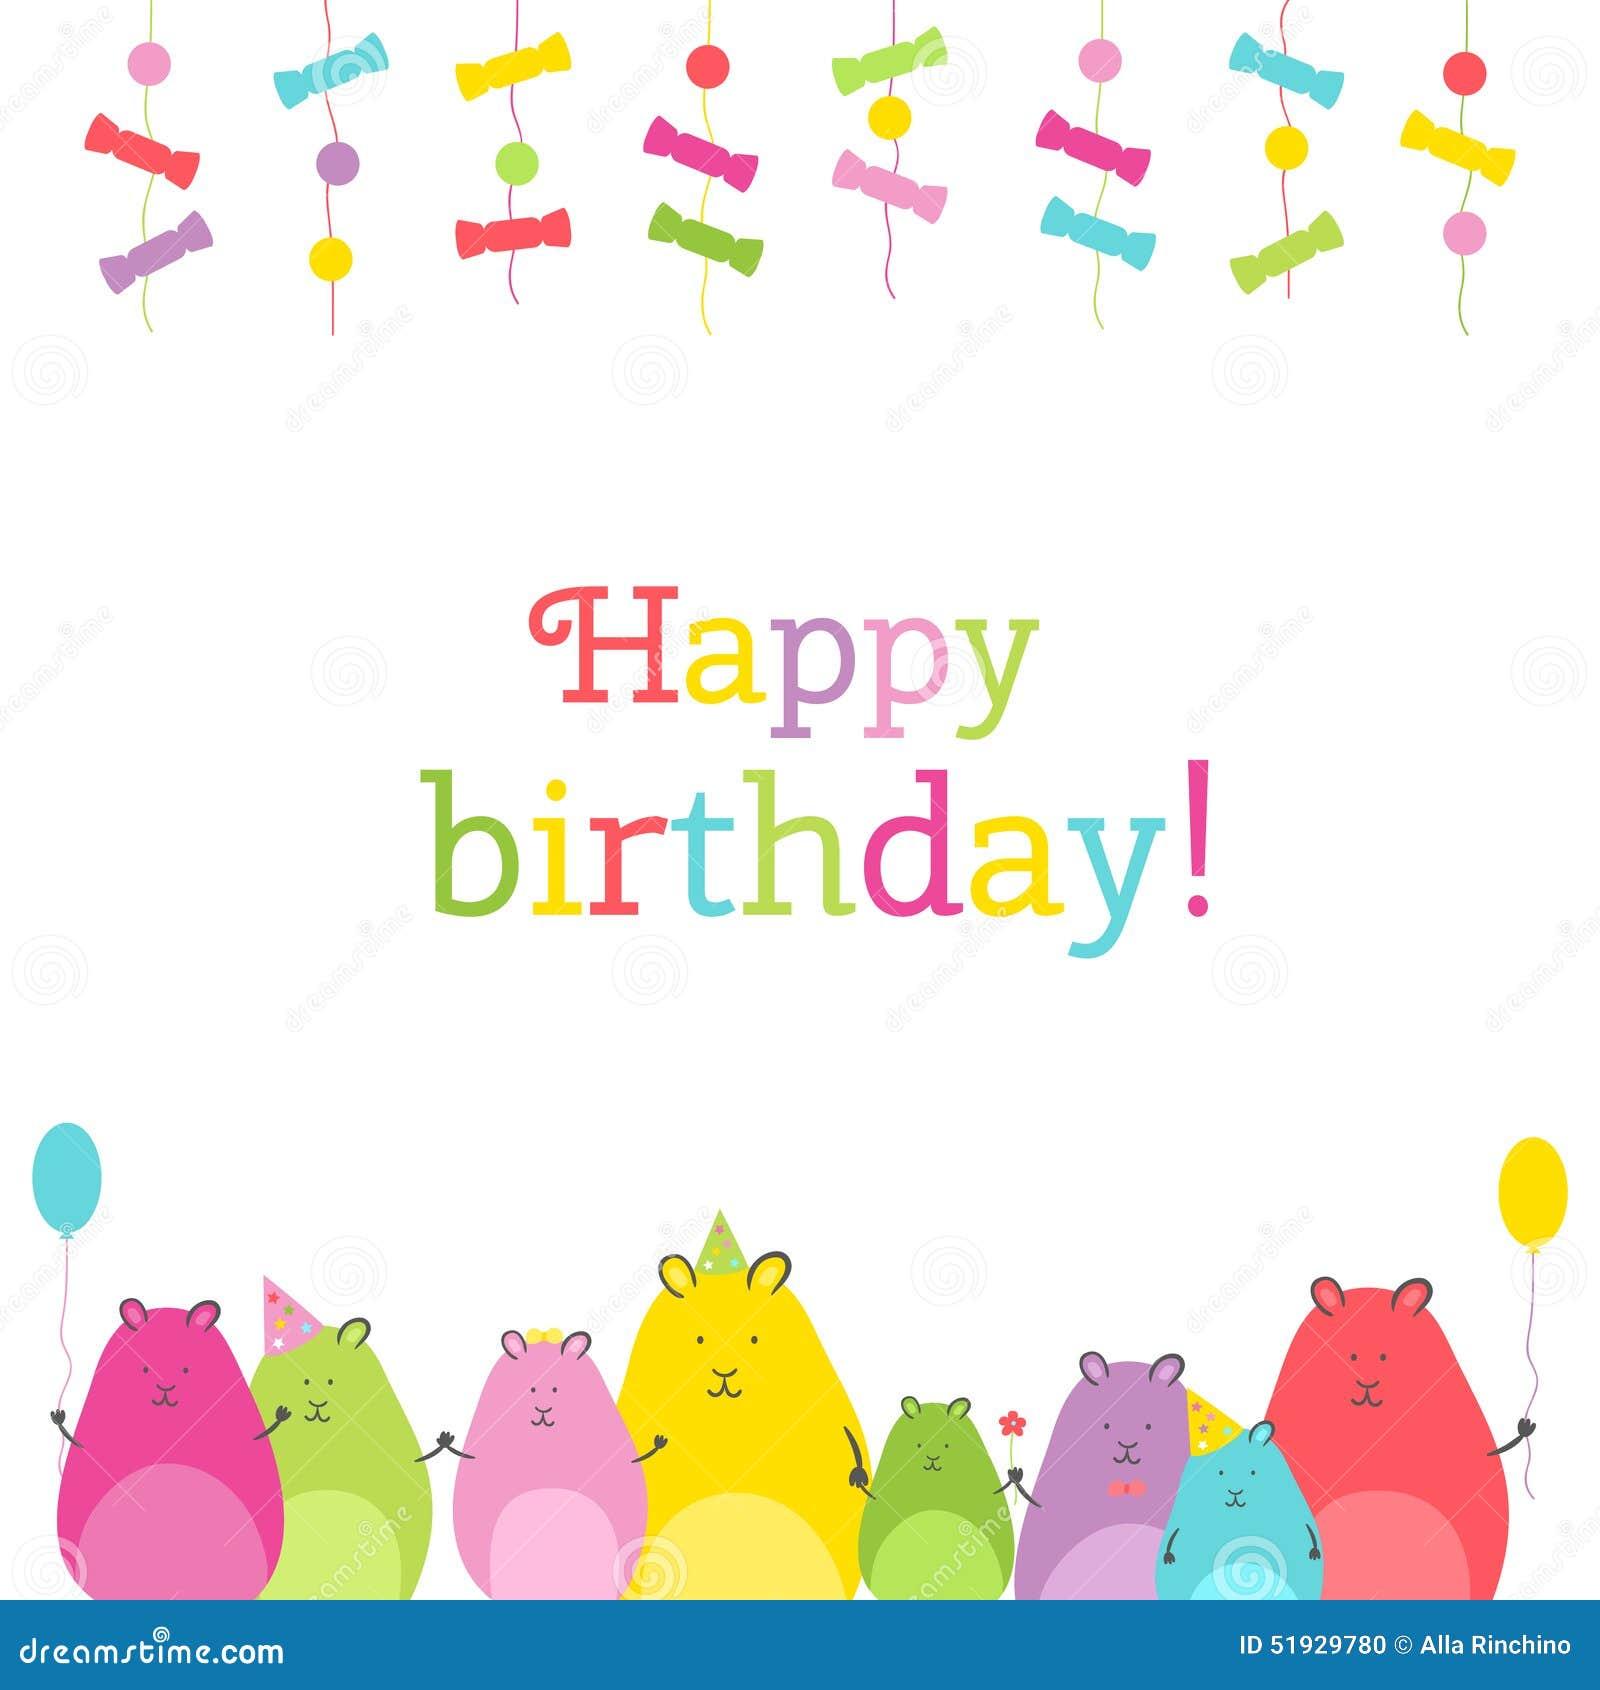 Alles Gute Zum Geburtstag Hamster Lustige Wünsche Zum Geburtstag